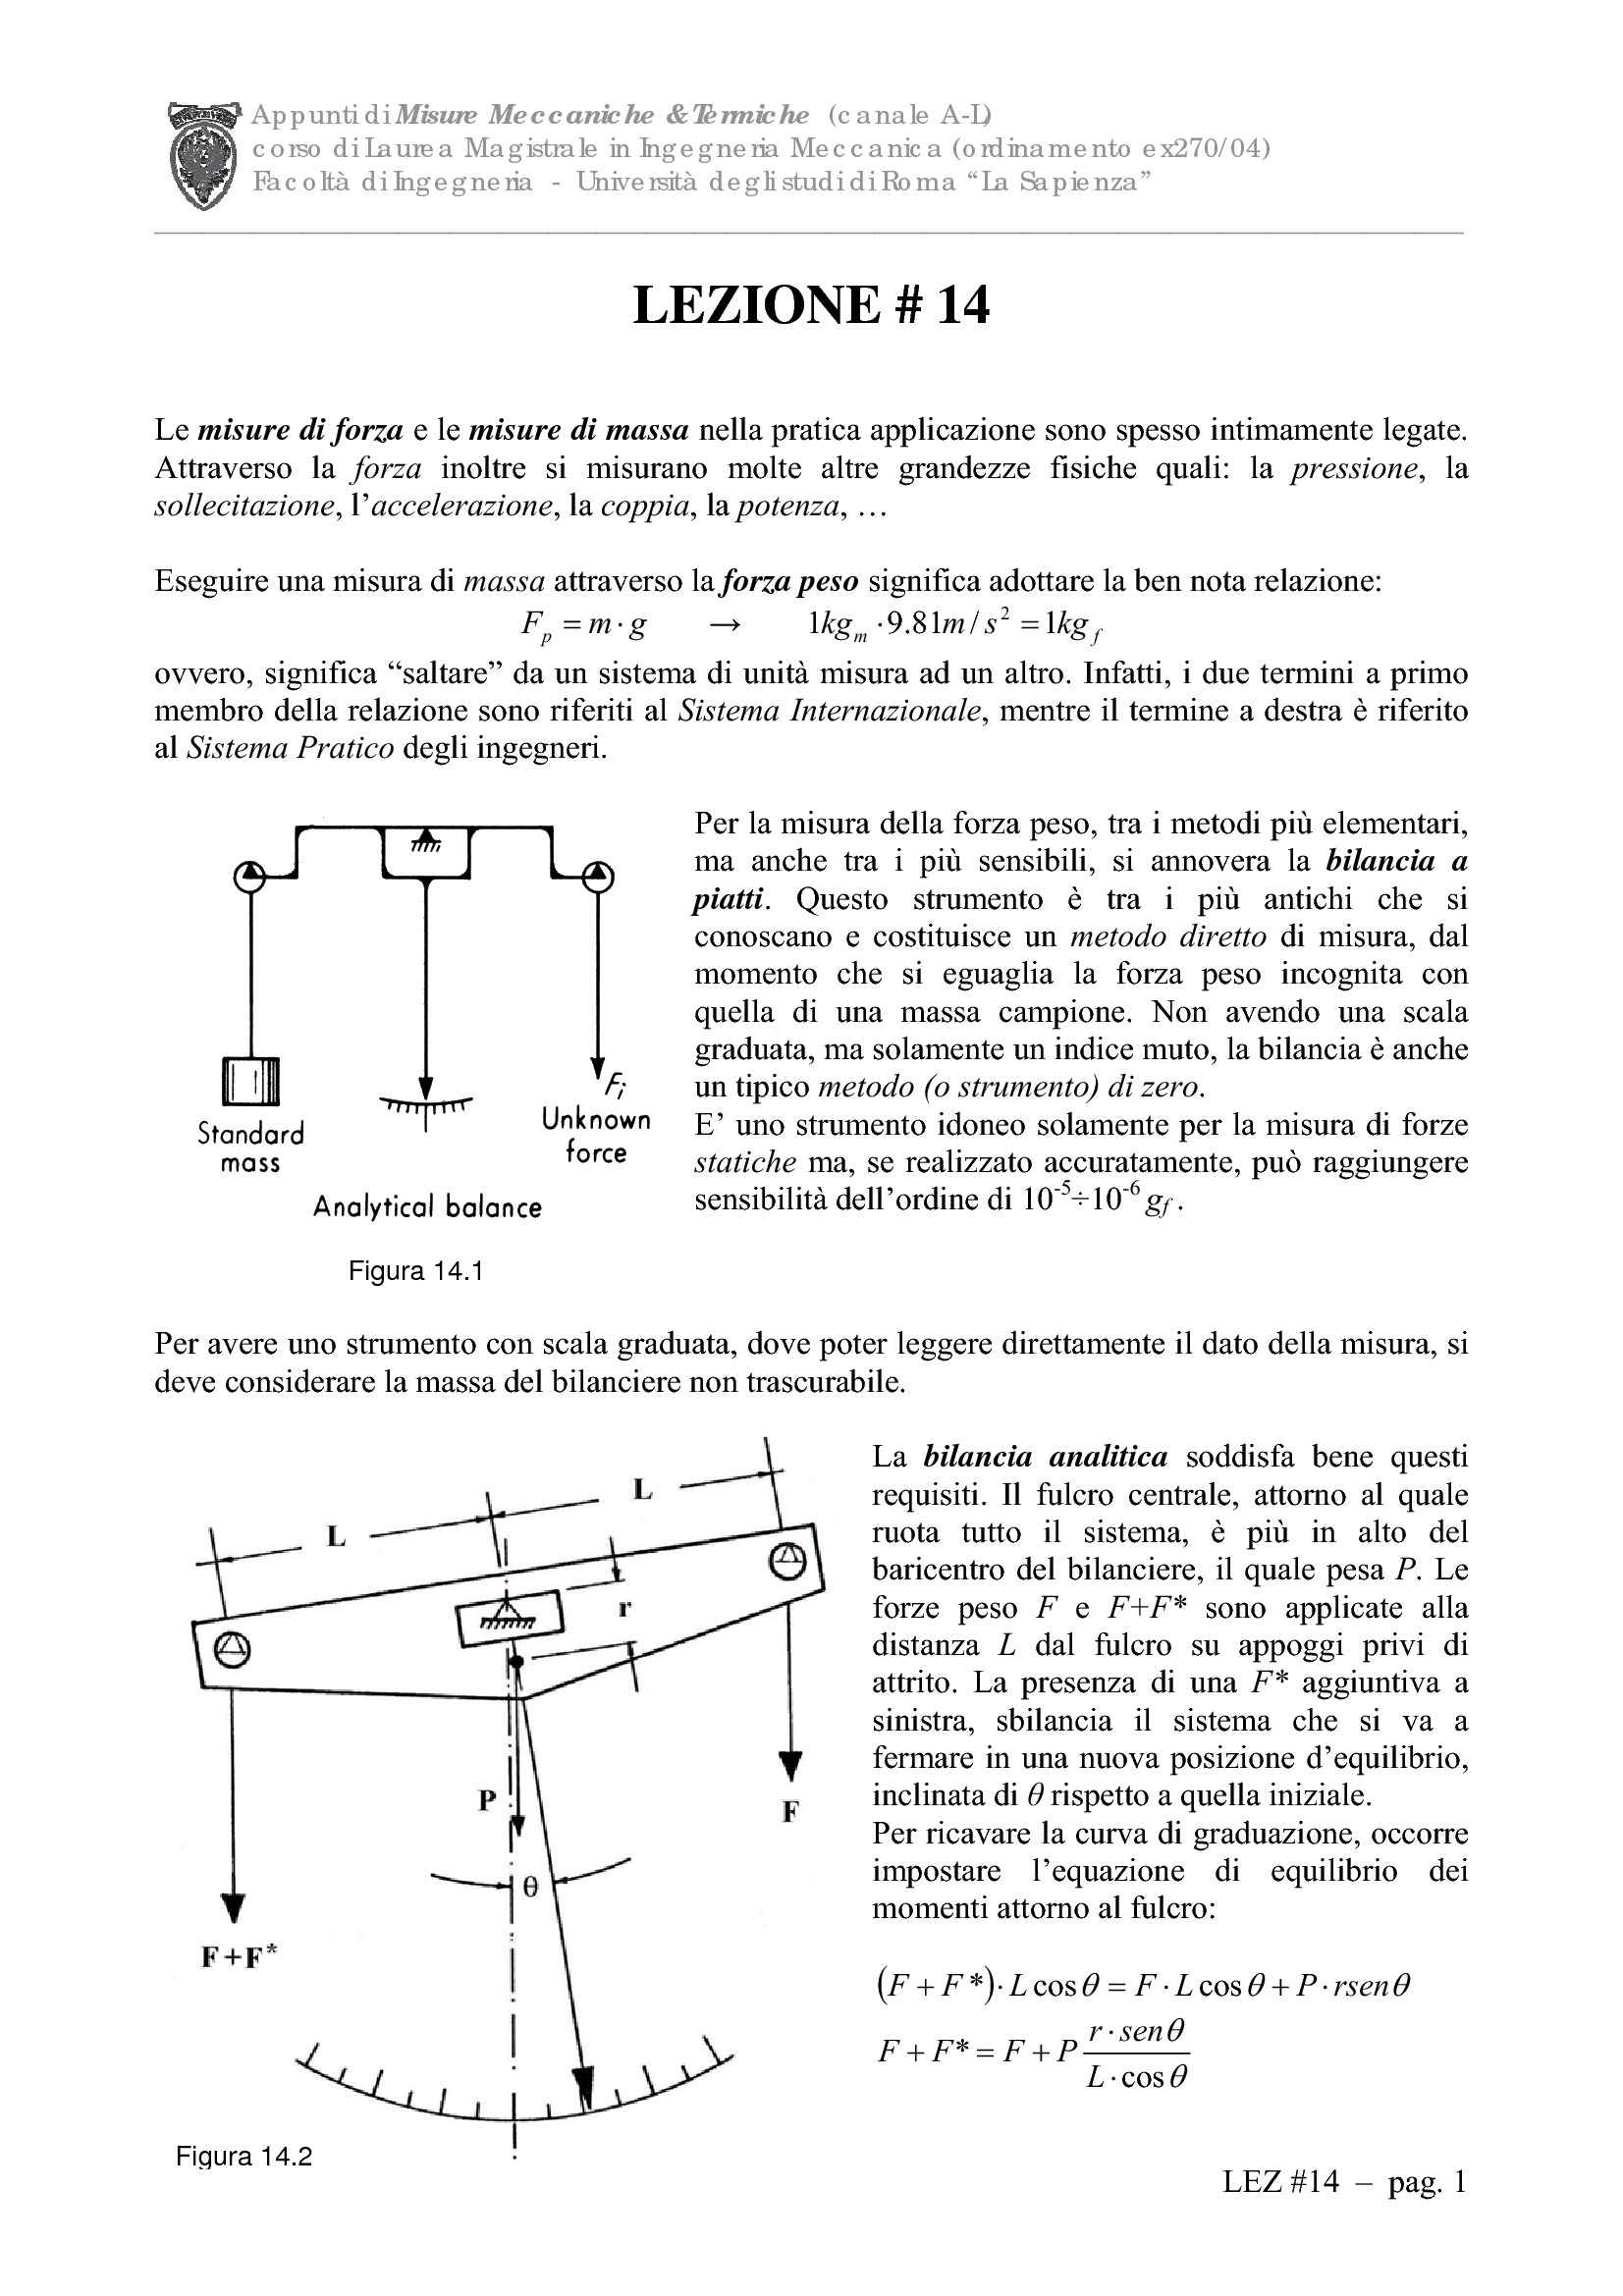 Misure della forza, della massa e della pressione